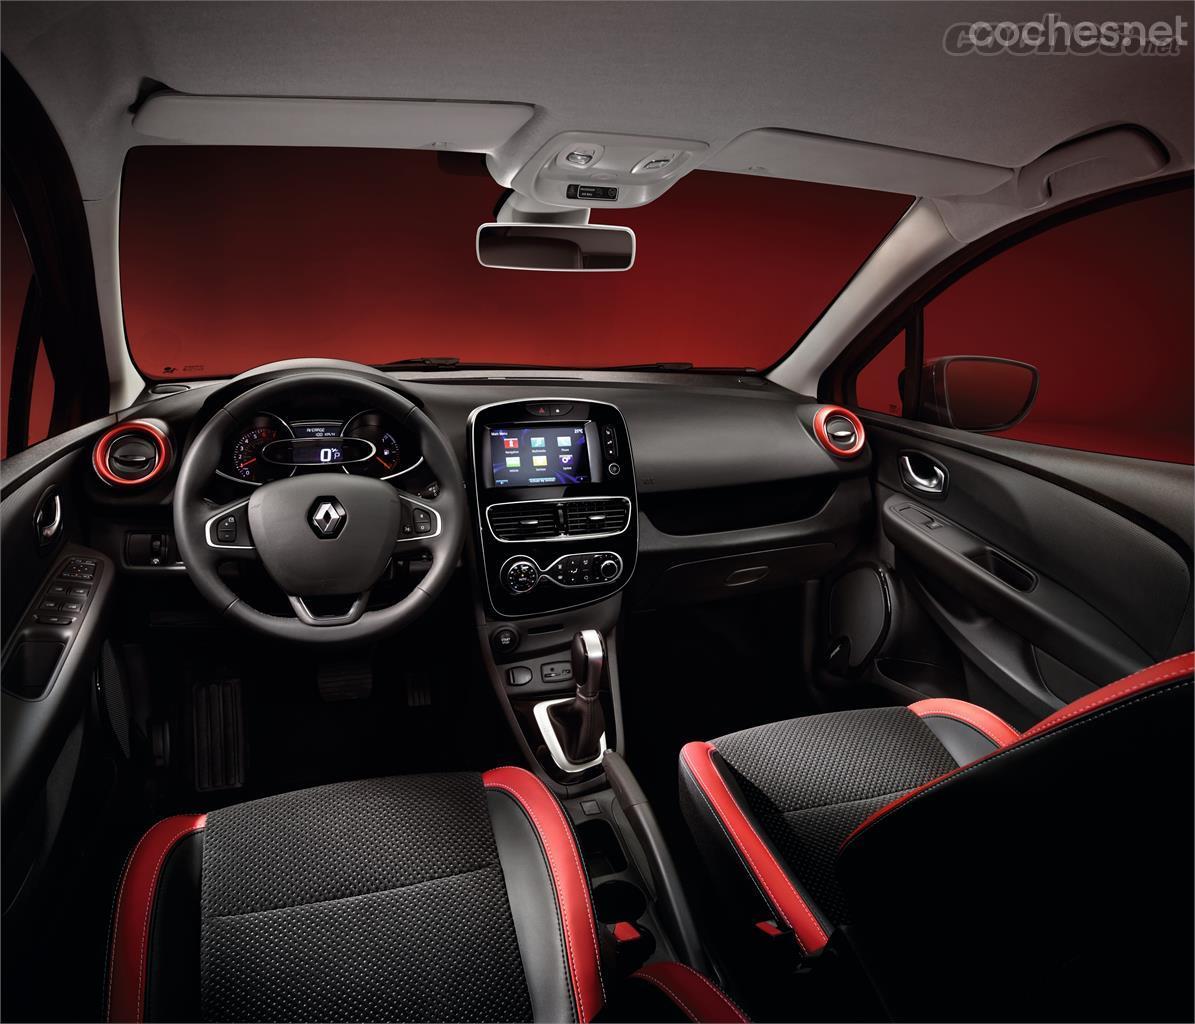 Renault Clio: El superventas francés se pone al día - foto 10